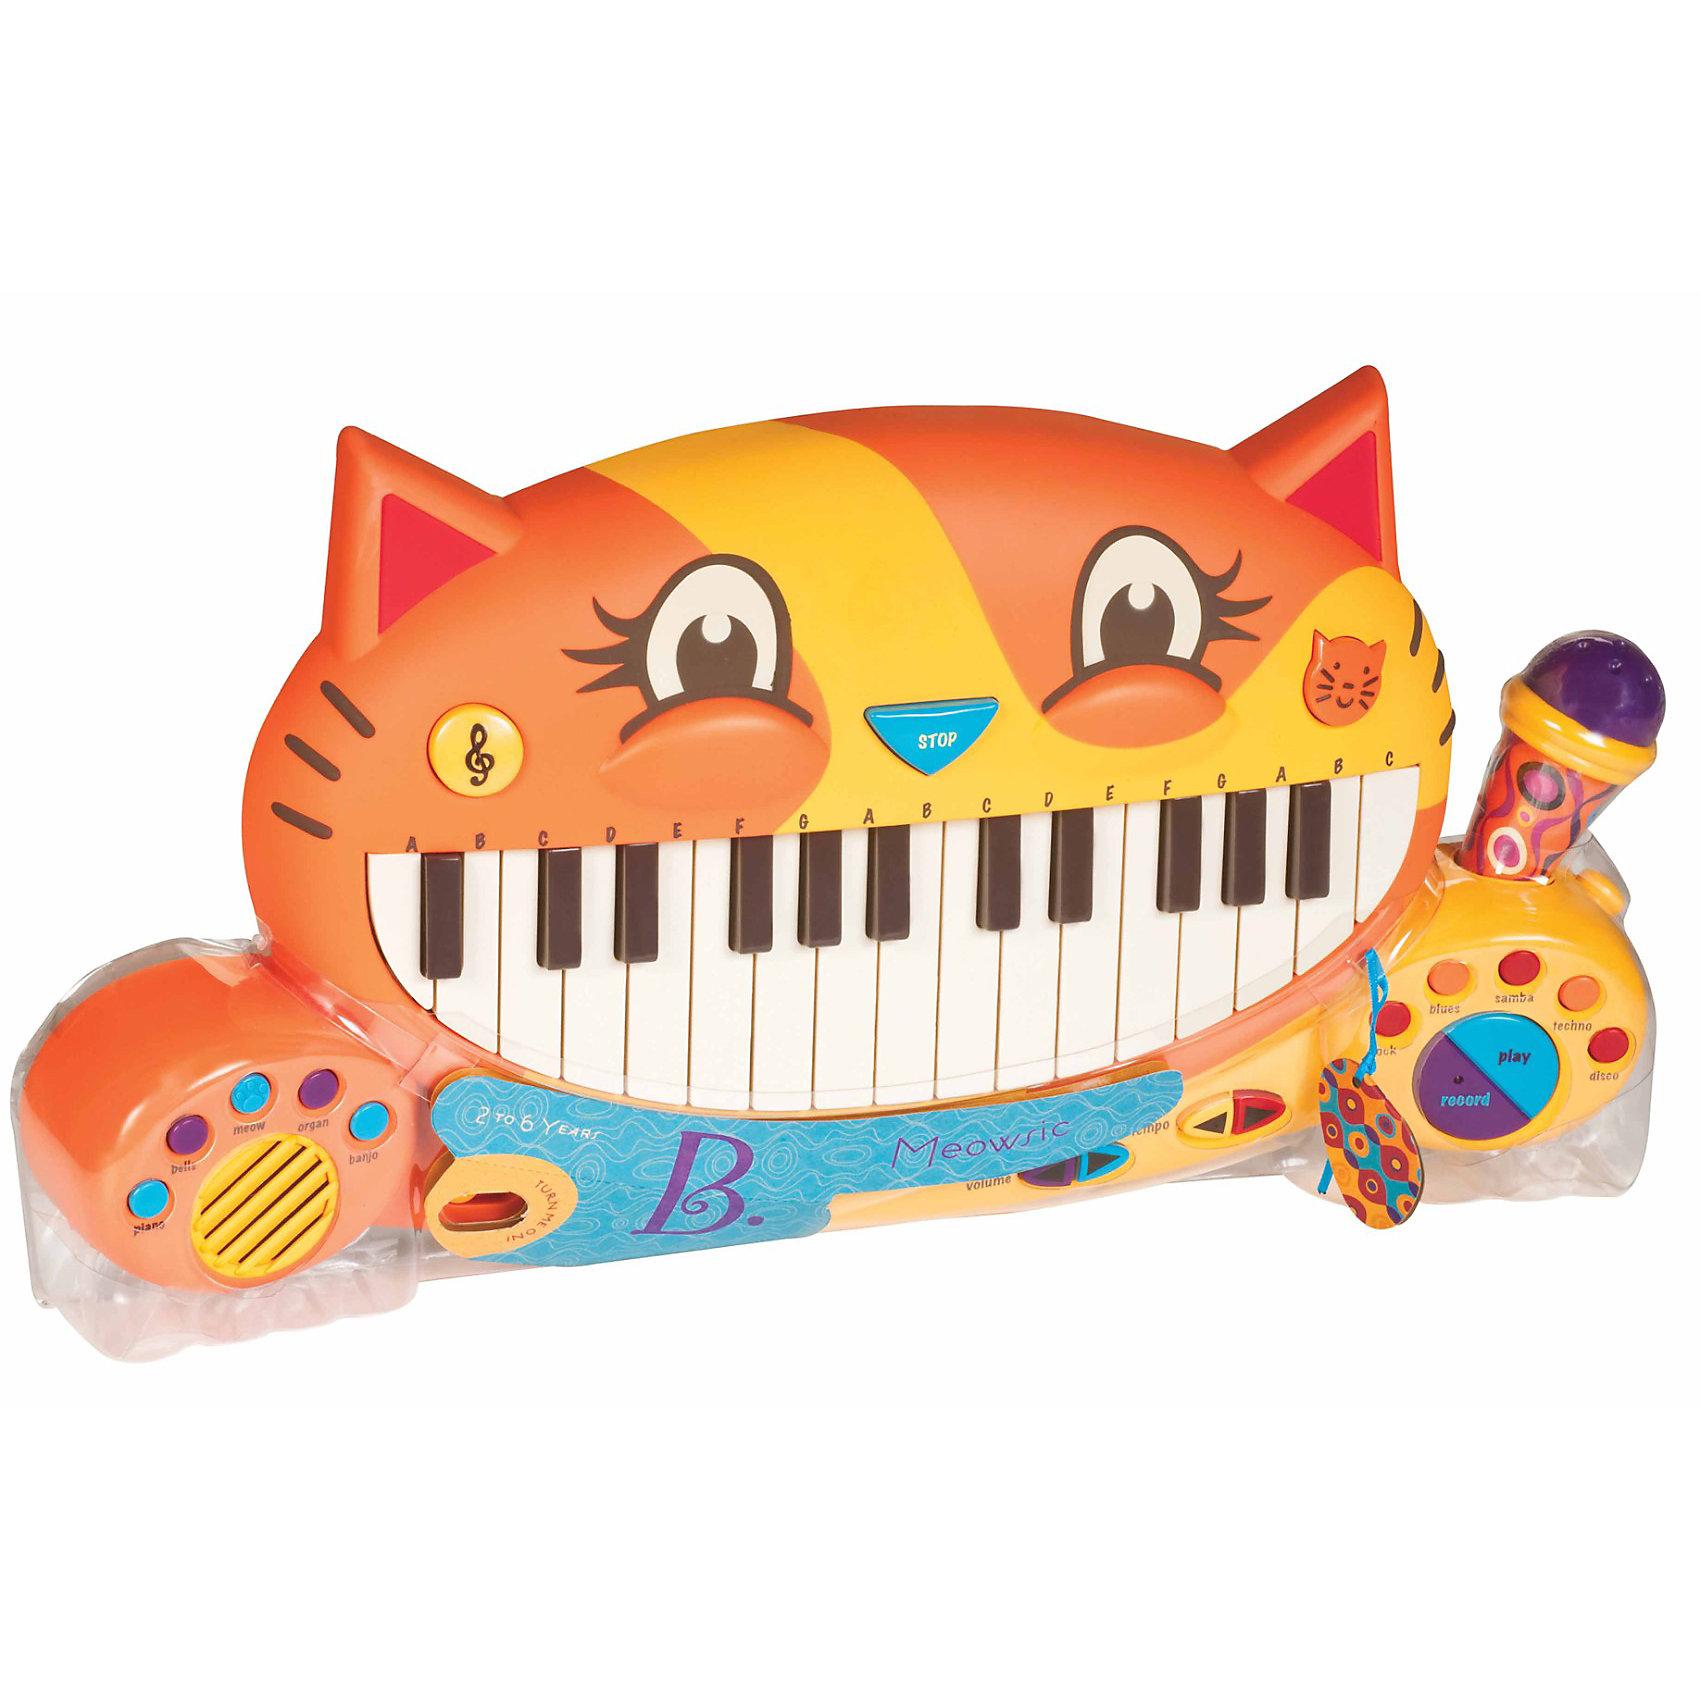 Мини-пианино, B DOTРазвивать музыкальные способности можно с детства! Это небольшое пианино очень удобно - его можно брать с собой в дорогу, благодаря продуманной форме хранится она очень компактно. Игра на музыкальных инструментах развивает также мелкую моторику и художественный вкус. Такая игрушка надолго занимает детей и помогает увлекательно провести время!<br>Это пианино имеет 28 клавиш и много кнопок - оно может играть как колокольчик, орган, банджо, а так же мяукать. Если нажать на кнопку со скрипичным ключом, малыш услышит семь разных мелодий, а при нажатии на кнопку в виде мордочки кота - двадцать песен на английском языке. Также можно записать свои мелодии и слушать их. Пианино дополнено микрофоном и кнопками регулирования громкости голоса, звука и темпа мелодий. Игрушка разработана опытными специалистами, сделана из высококачественных материалов, безопасных для детей.<br><br>Дополнительная информация:<br><br>материал: пластик;<br>размер: 48 х 27 x 5 см;<br>в комплекте: 4 батарейки 1,5V АА .<br><br>Мини-пианино от компании B DOT можно купить в нашем магазине.<br><br>Ширина мм: 510<br>Глубина мм: 250<br>Высота мм: 70<br>Вес г: 270<br>Возраст от месяцев: 36<br>Возраст до месяцев: 72<br>Пол: Унисекс<br>Возраст: Детский<br>SKU: 2329020